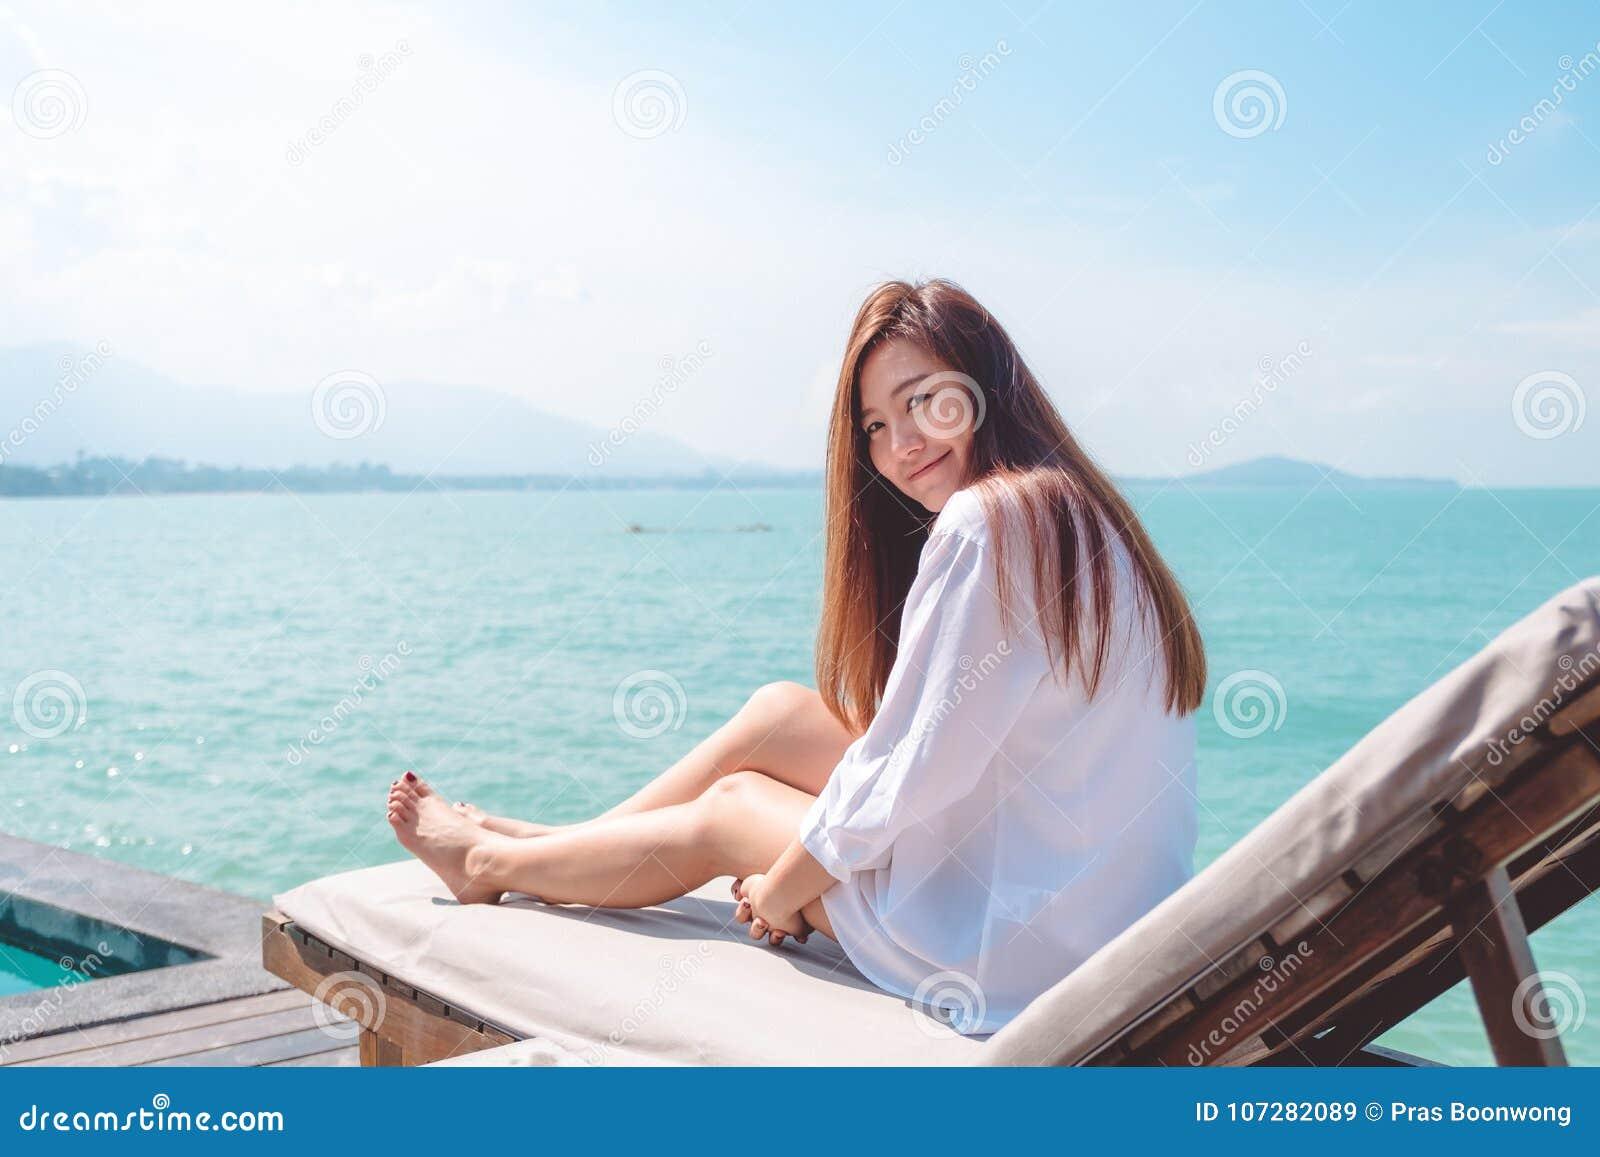 6b89d27d5ef3 Immagine del ritratto di bella donna asiatica felice sul vestito bianco che  si siede sul letto del sole dal mare con il fondo del cielo blu